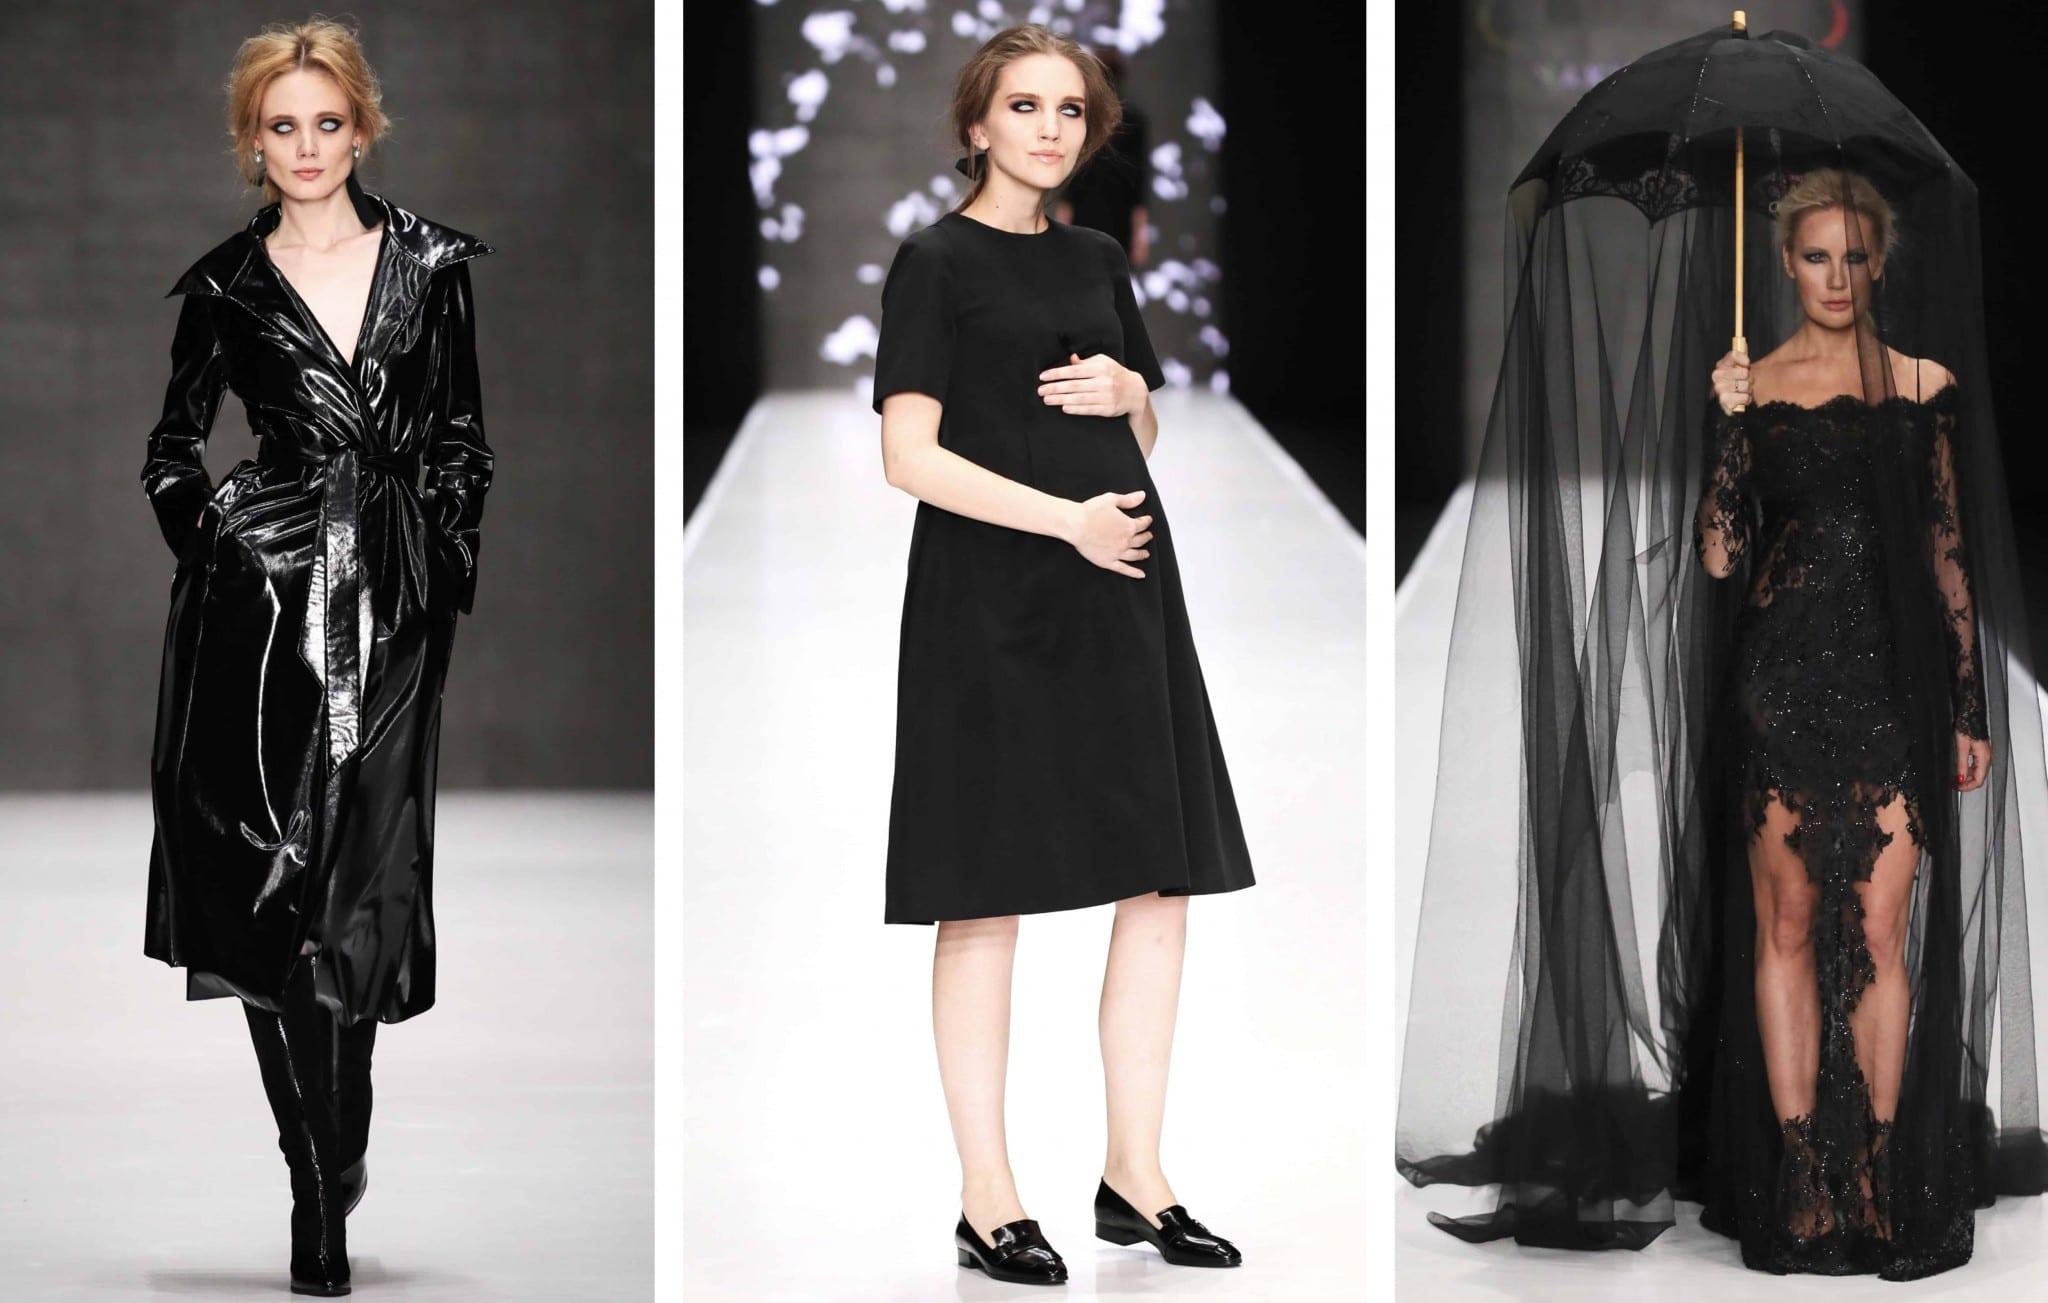 72ac6fe155c Образ современной ведьмы от YAKUBoWITCH — DESIGNERS FROM RUSSIA